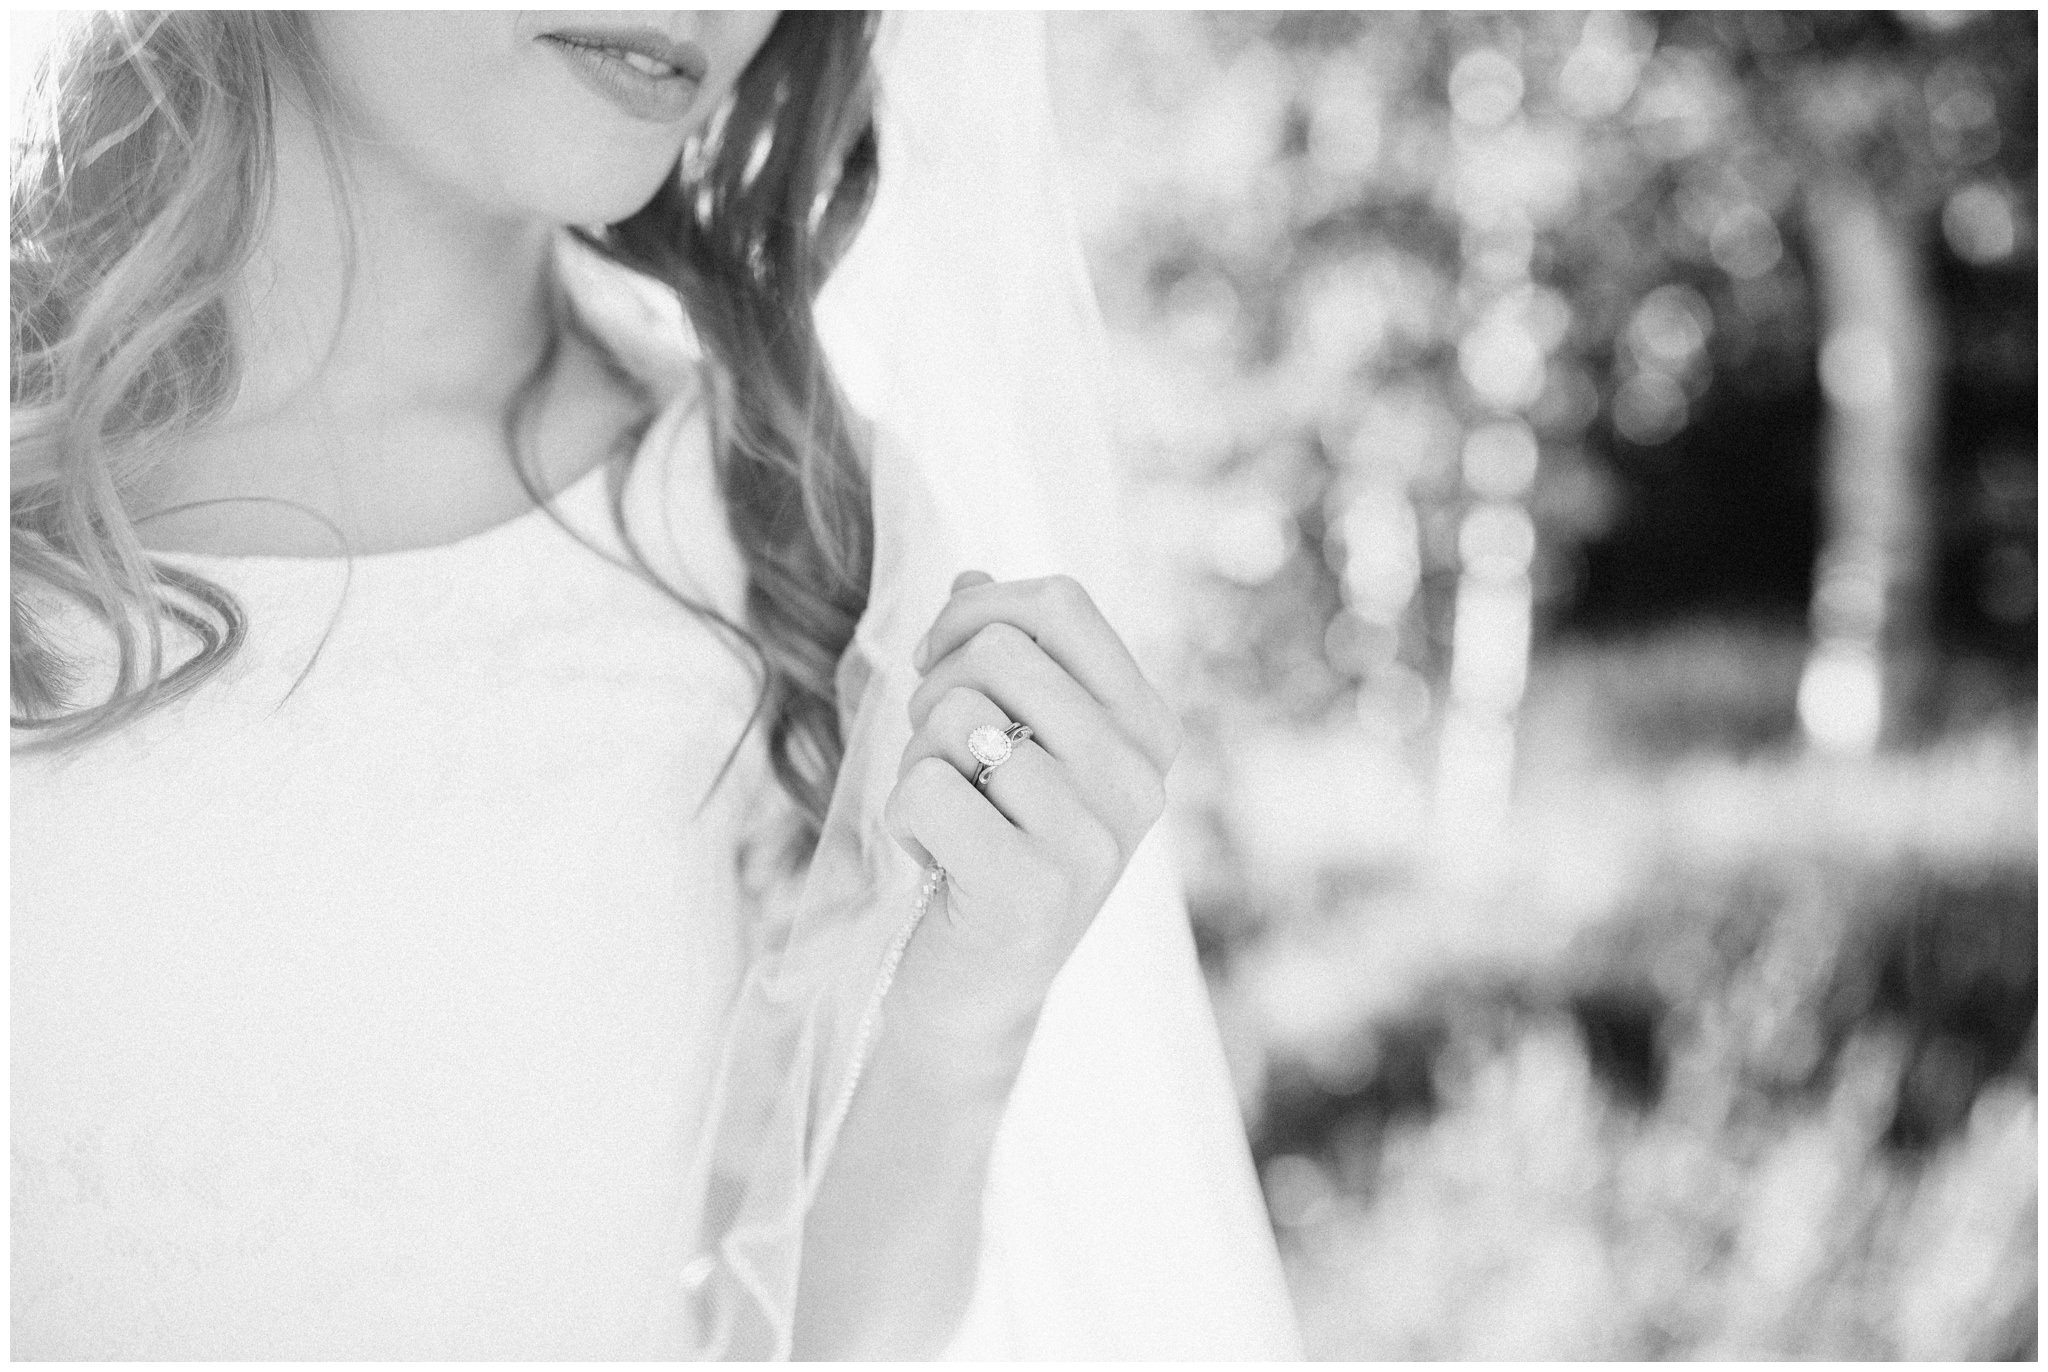 Bride detail shot of her wedding ring